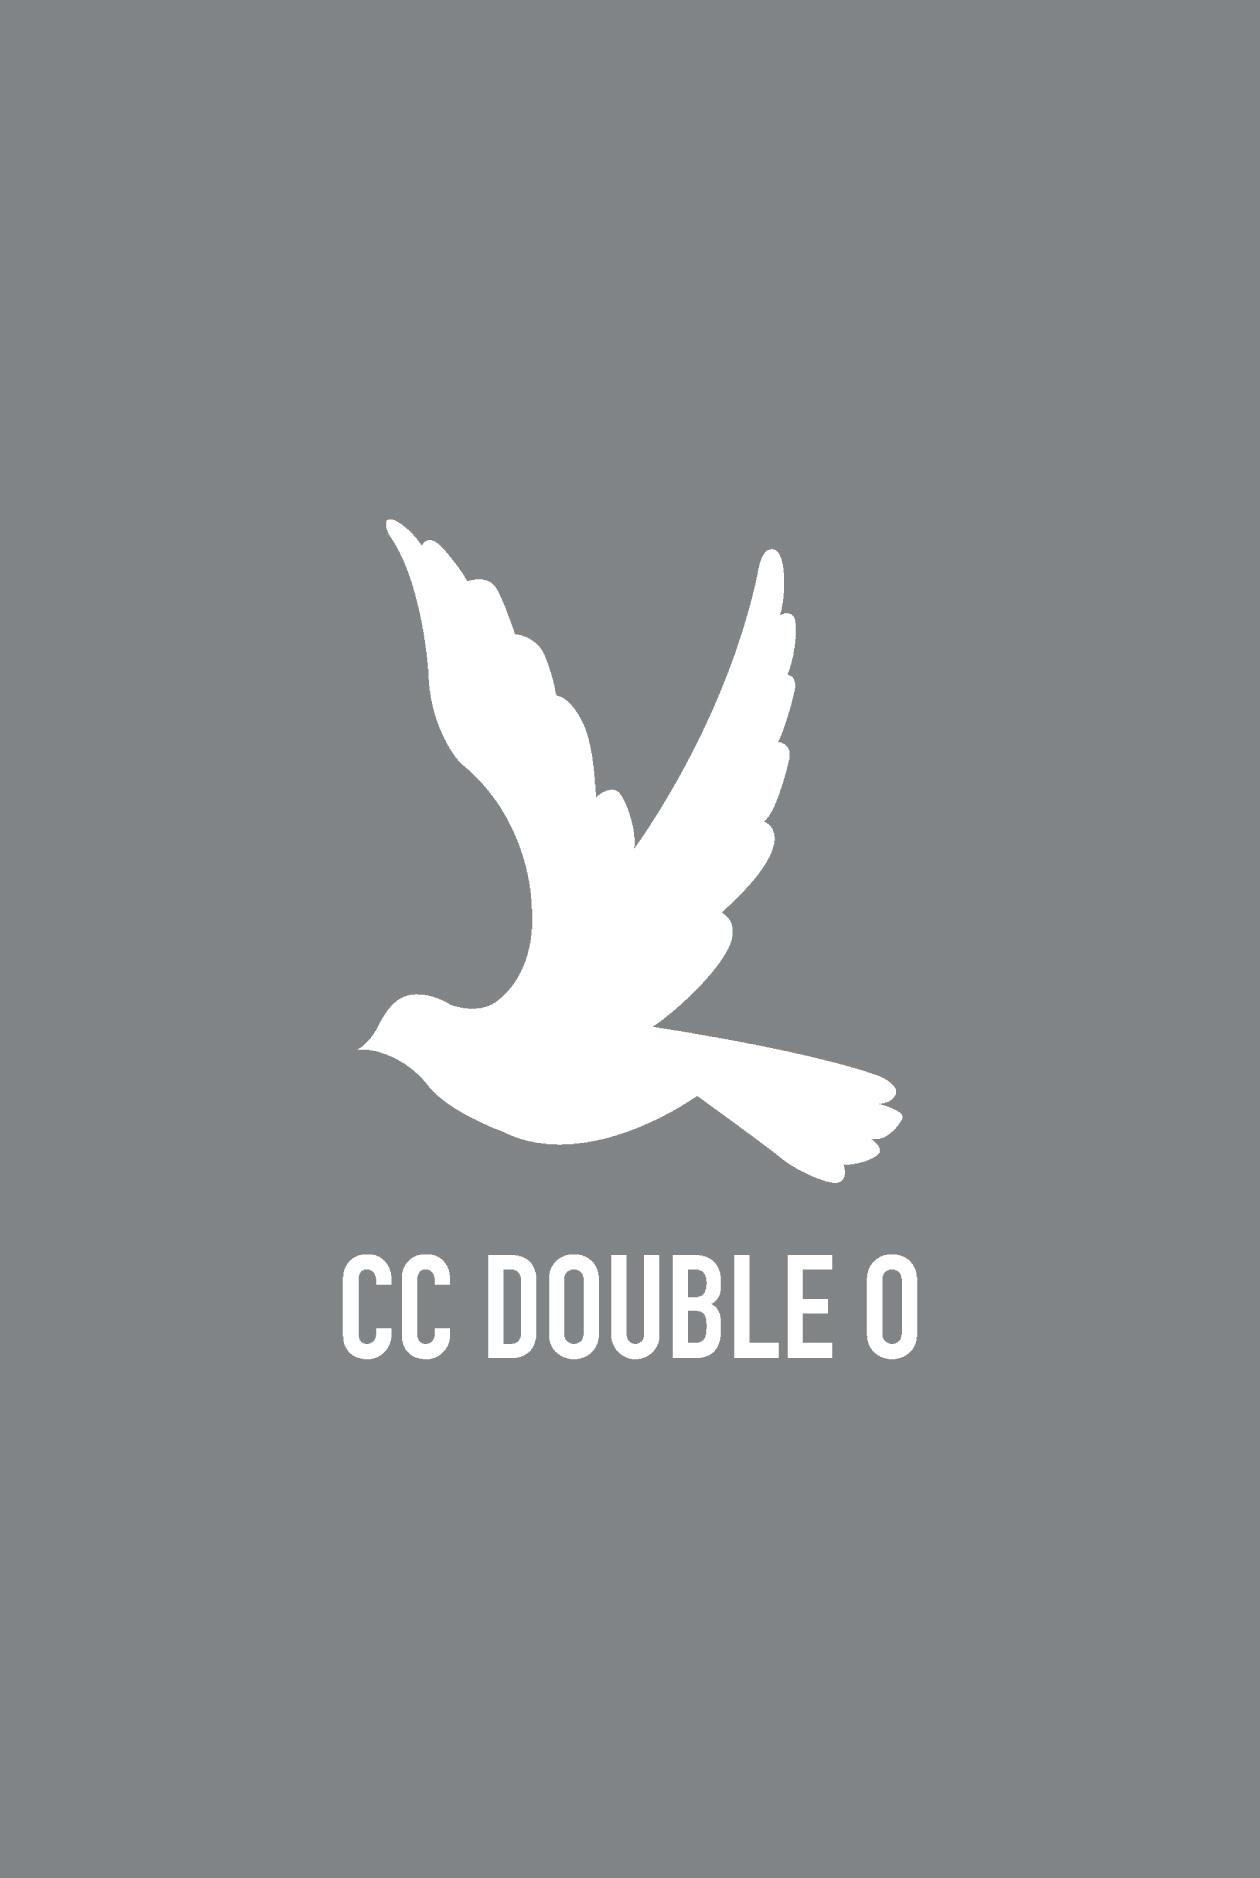 กางเกงวอร์มผูกเชือกด้านข้างแต่งแถบโลโก้ CC DOUBLE O